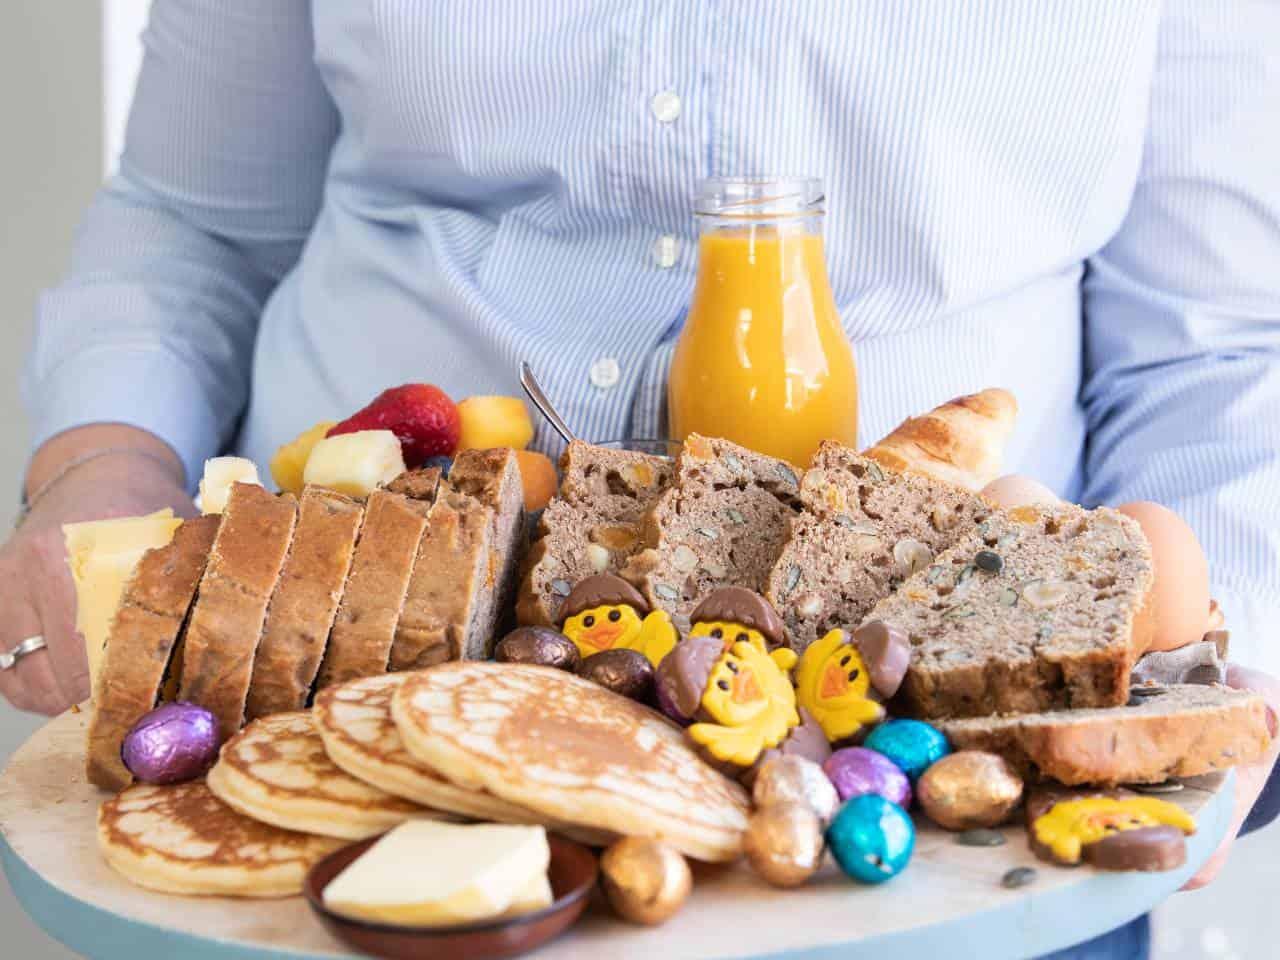 Notenbrood op een ontbijtplank, borrelplank met ontbijt, zelfgemaakt brood zonder kneden en rijzen